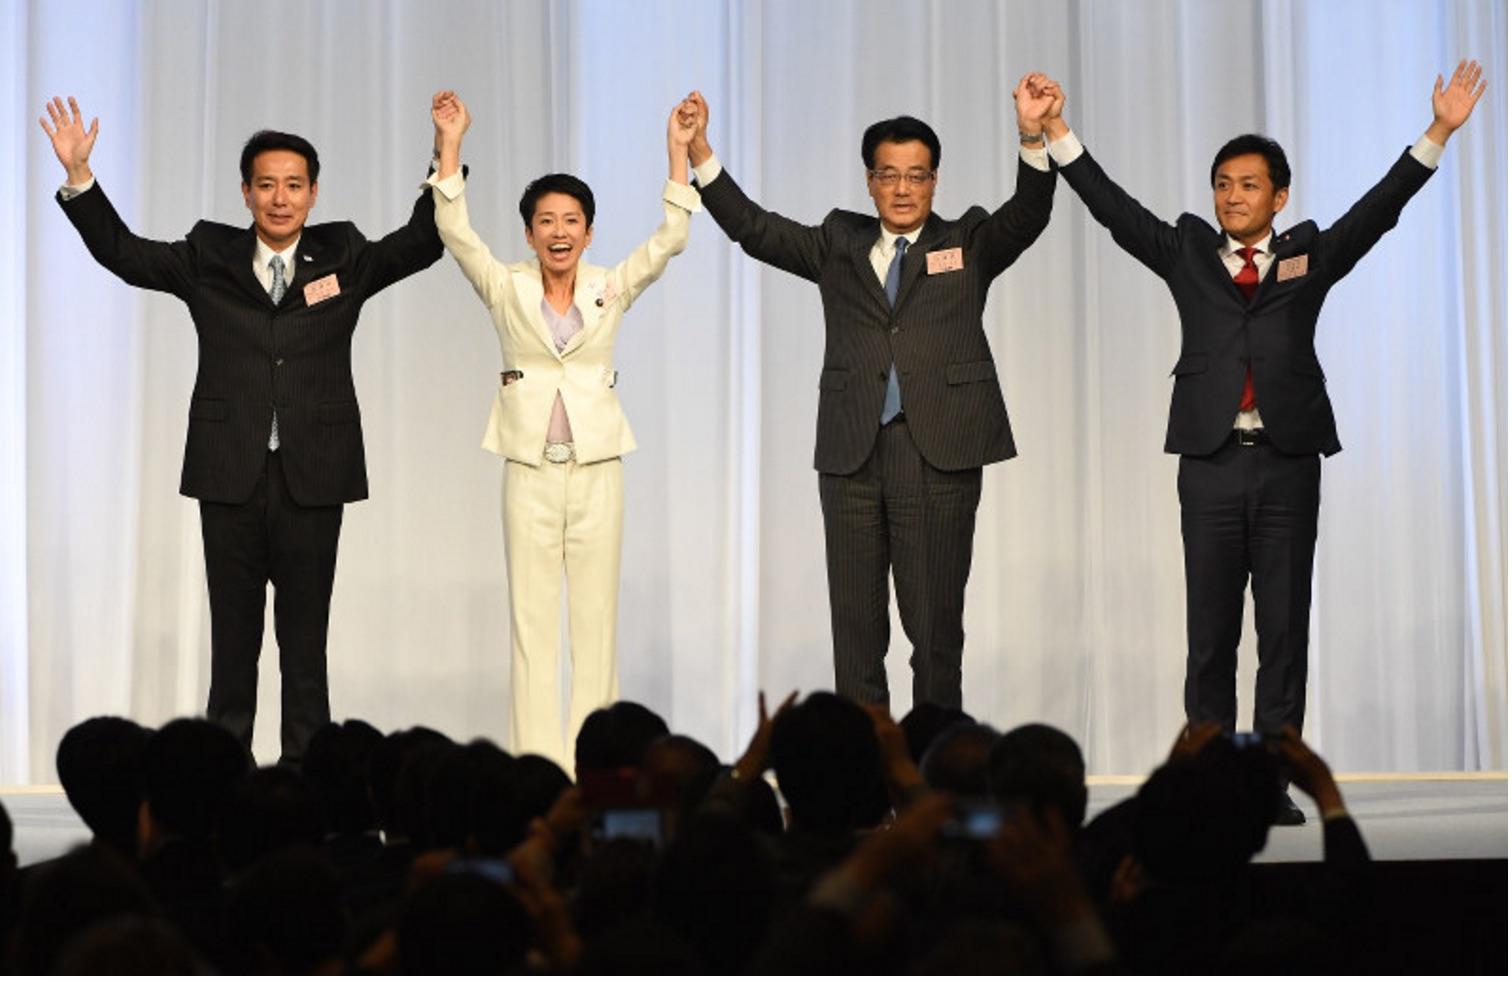 A 48 ans, Renho Murata effectue son troisième mandat à la chambre des conseillers. Son élection à la tête du parti démocrate est une première dans l'histoire de la démocratie japonaise. Copie d'écran du Mainichi, le 15 septembre 2016.